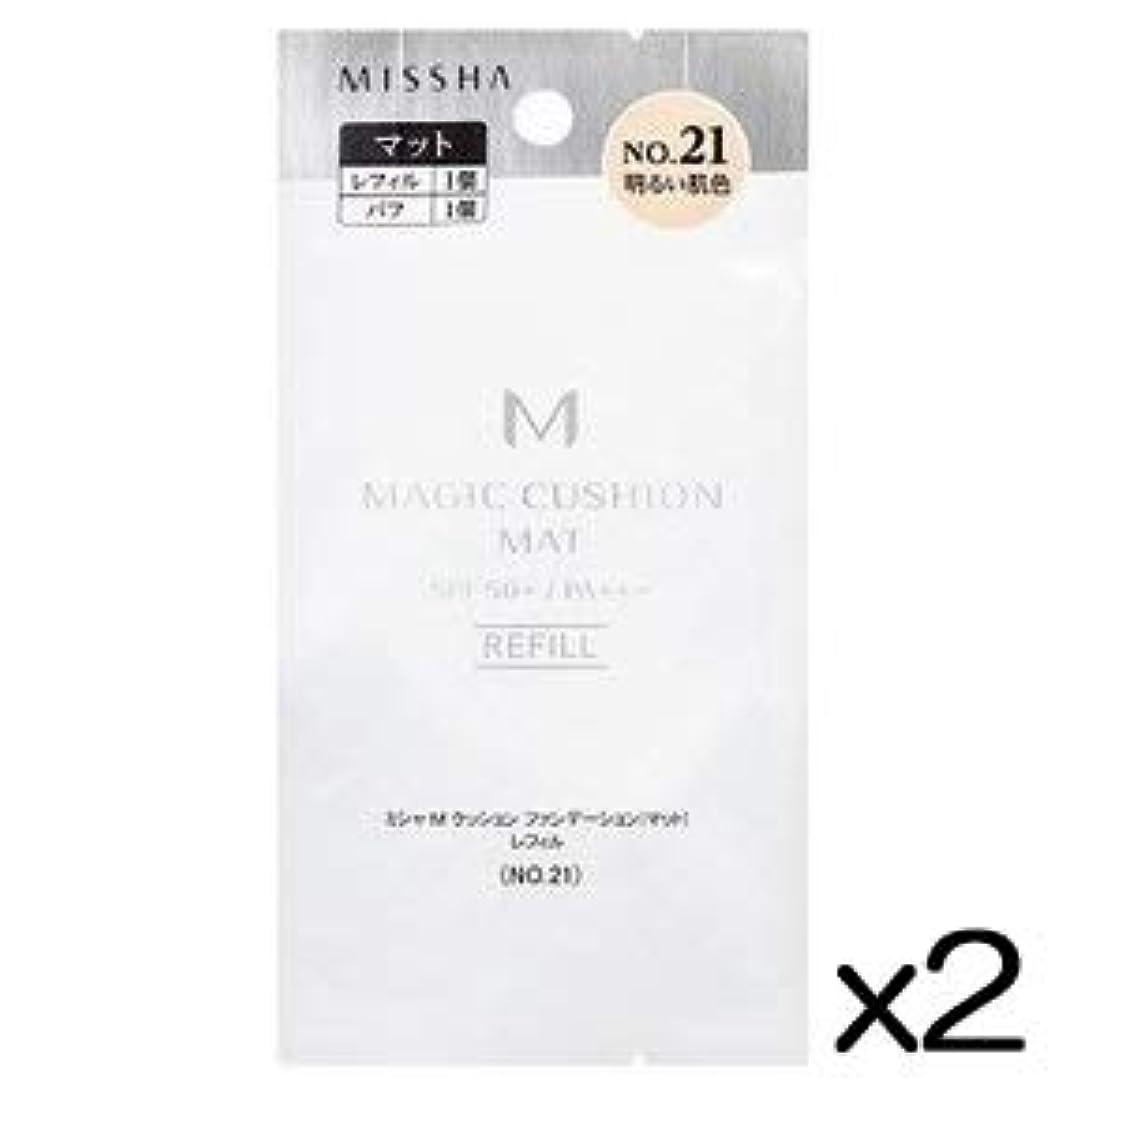 ゴムミッション海岸ミシャ M クッション ファンデーション (マット) No.21 明るい肌色 レフィル 15g×2個セット